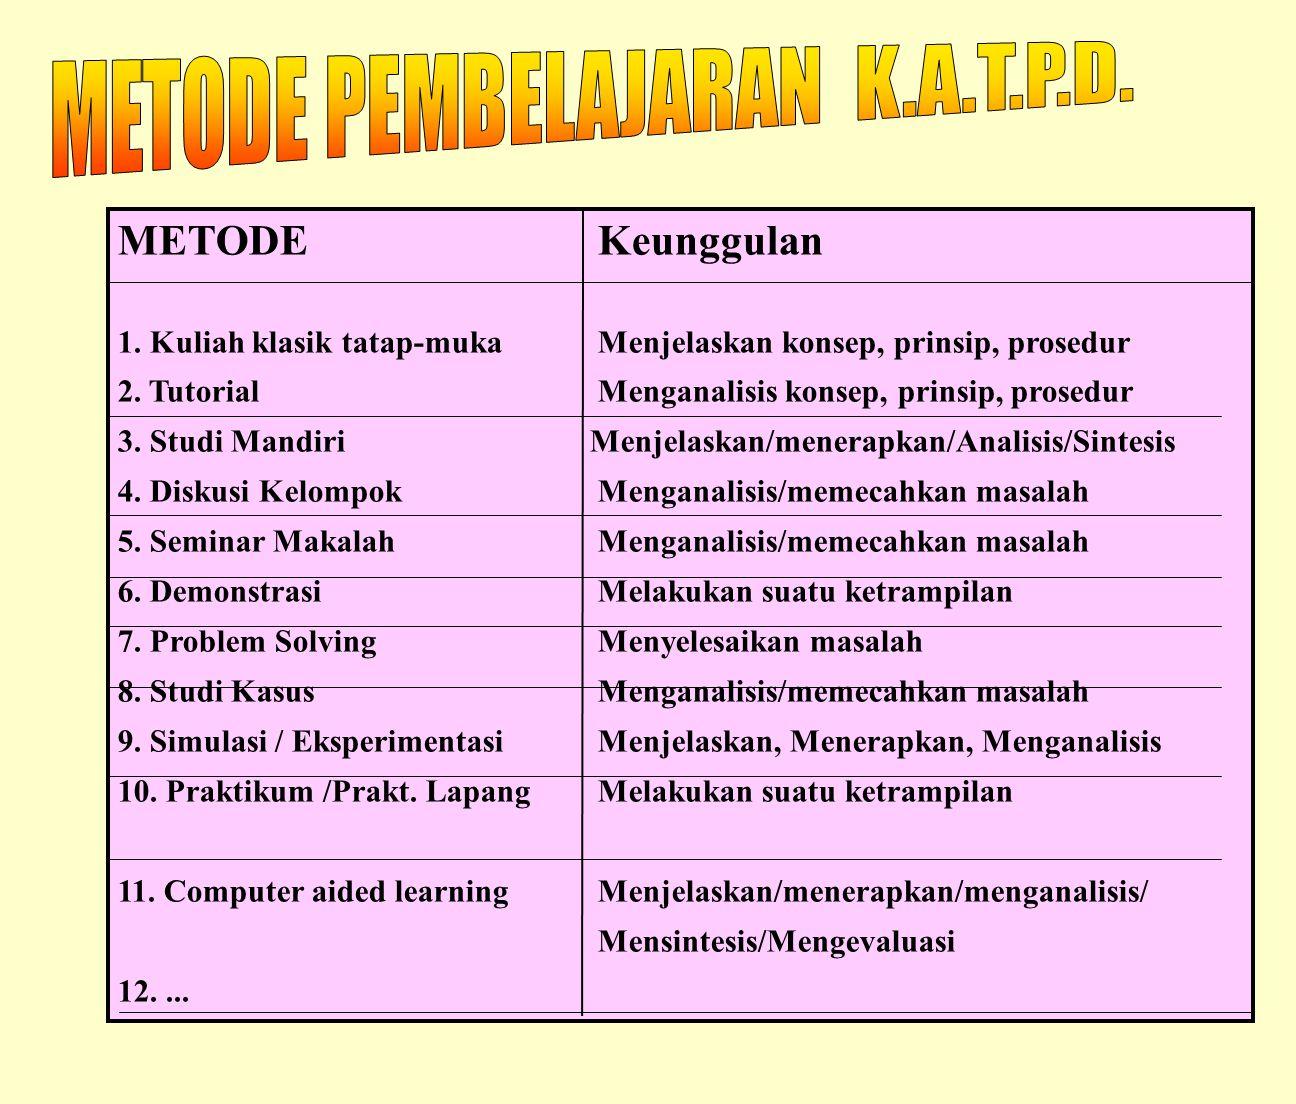 METODE PEMBELAJARAN K.A.T.P.D.